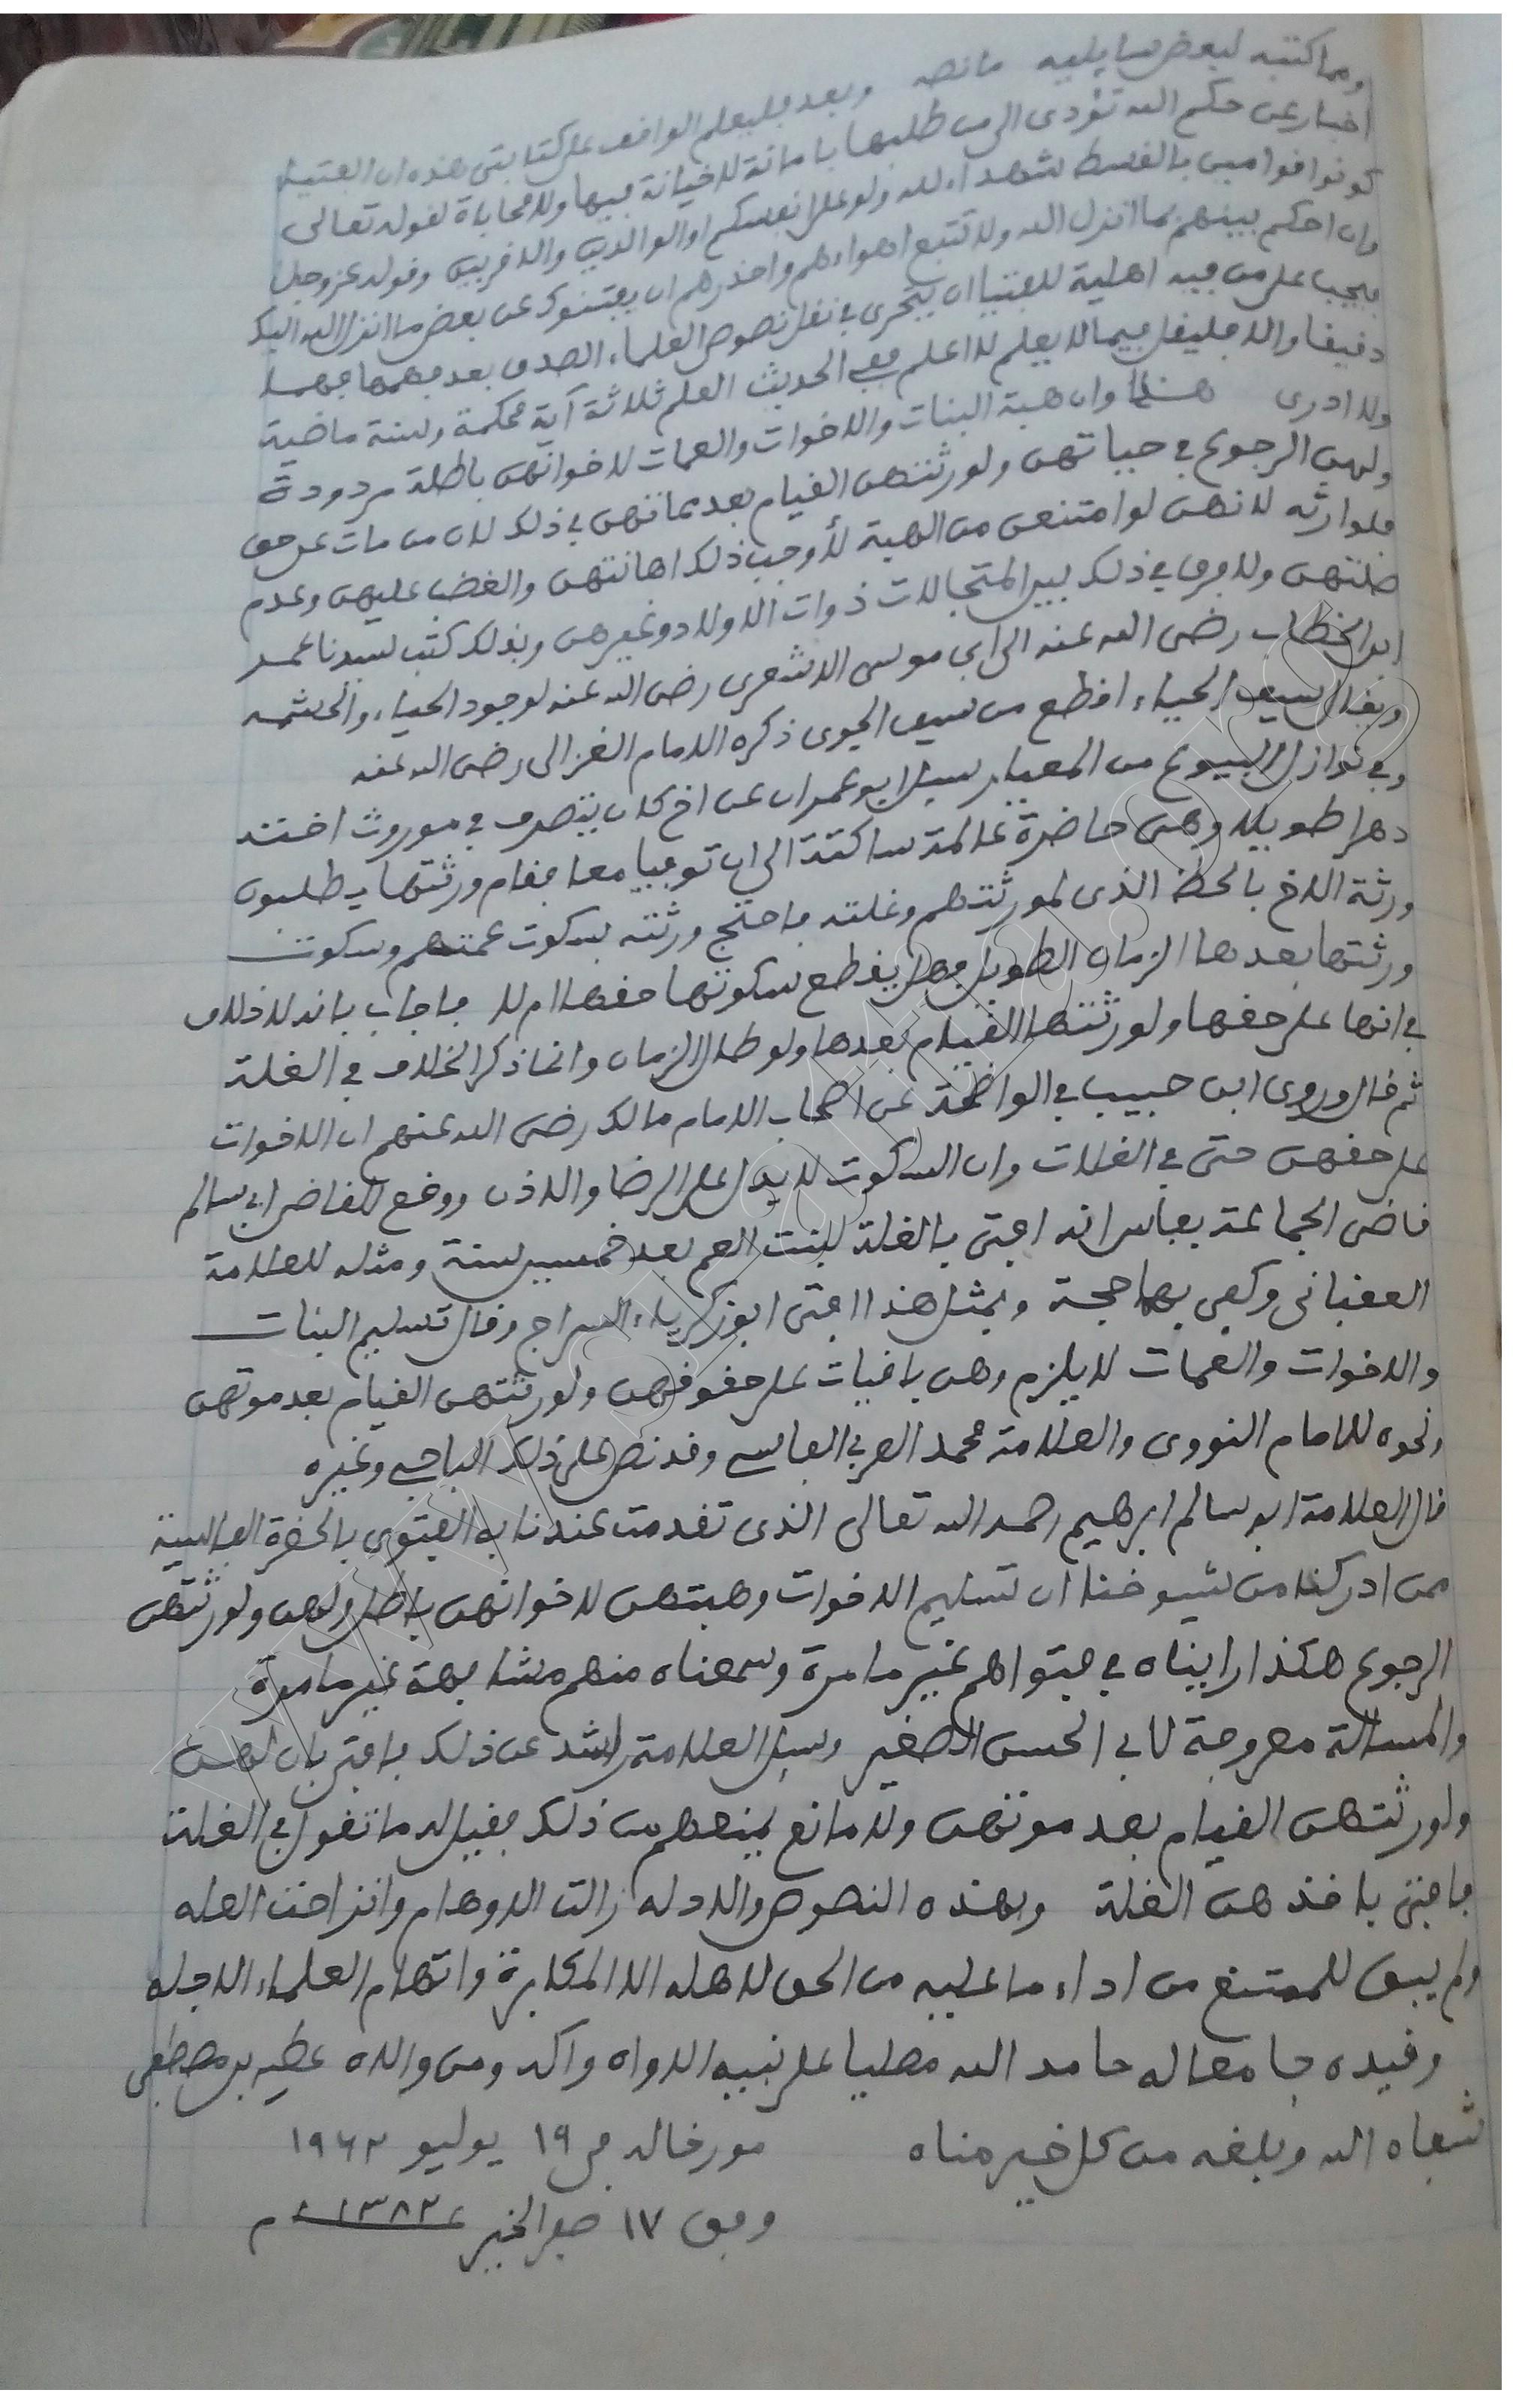 فتوى عن الهبة للشيخ سي عطية مسعودي